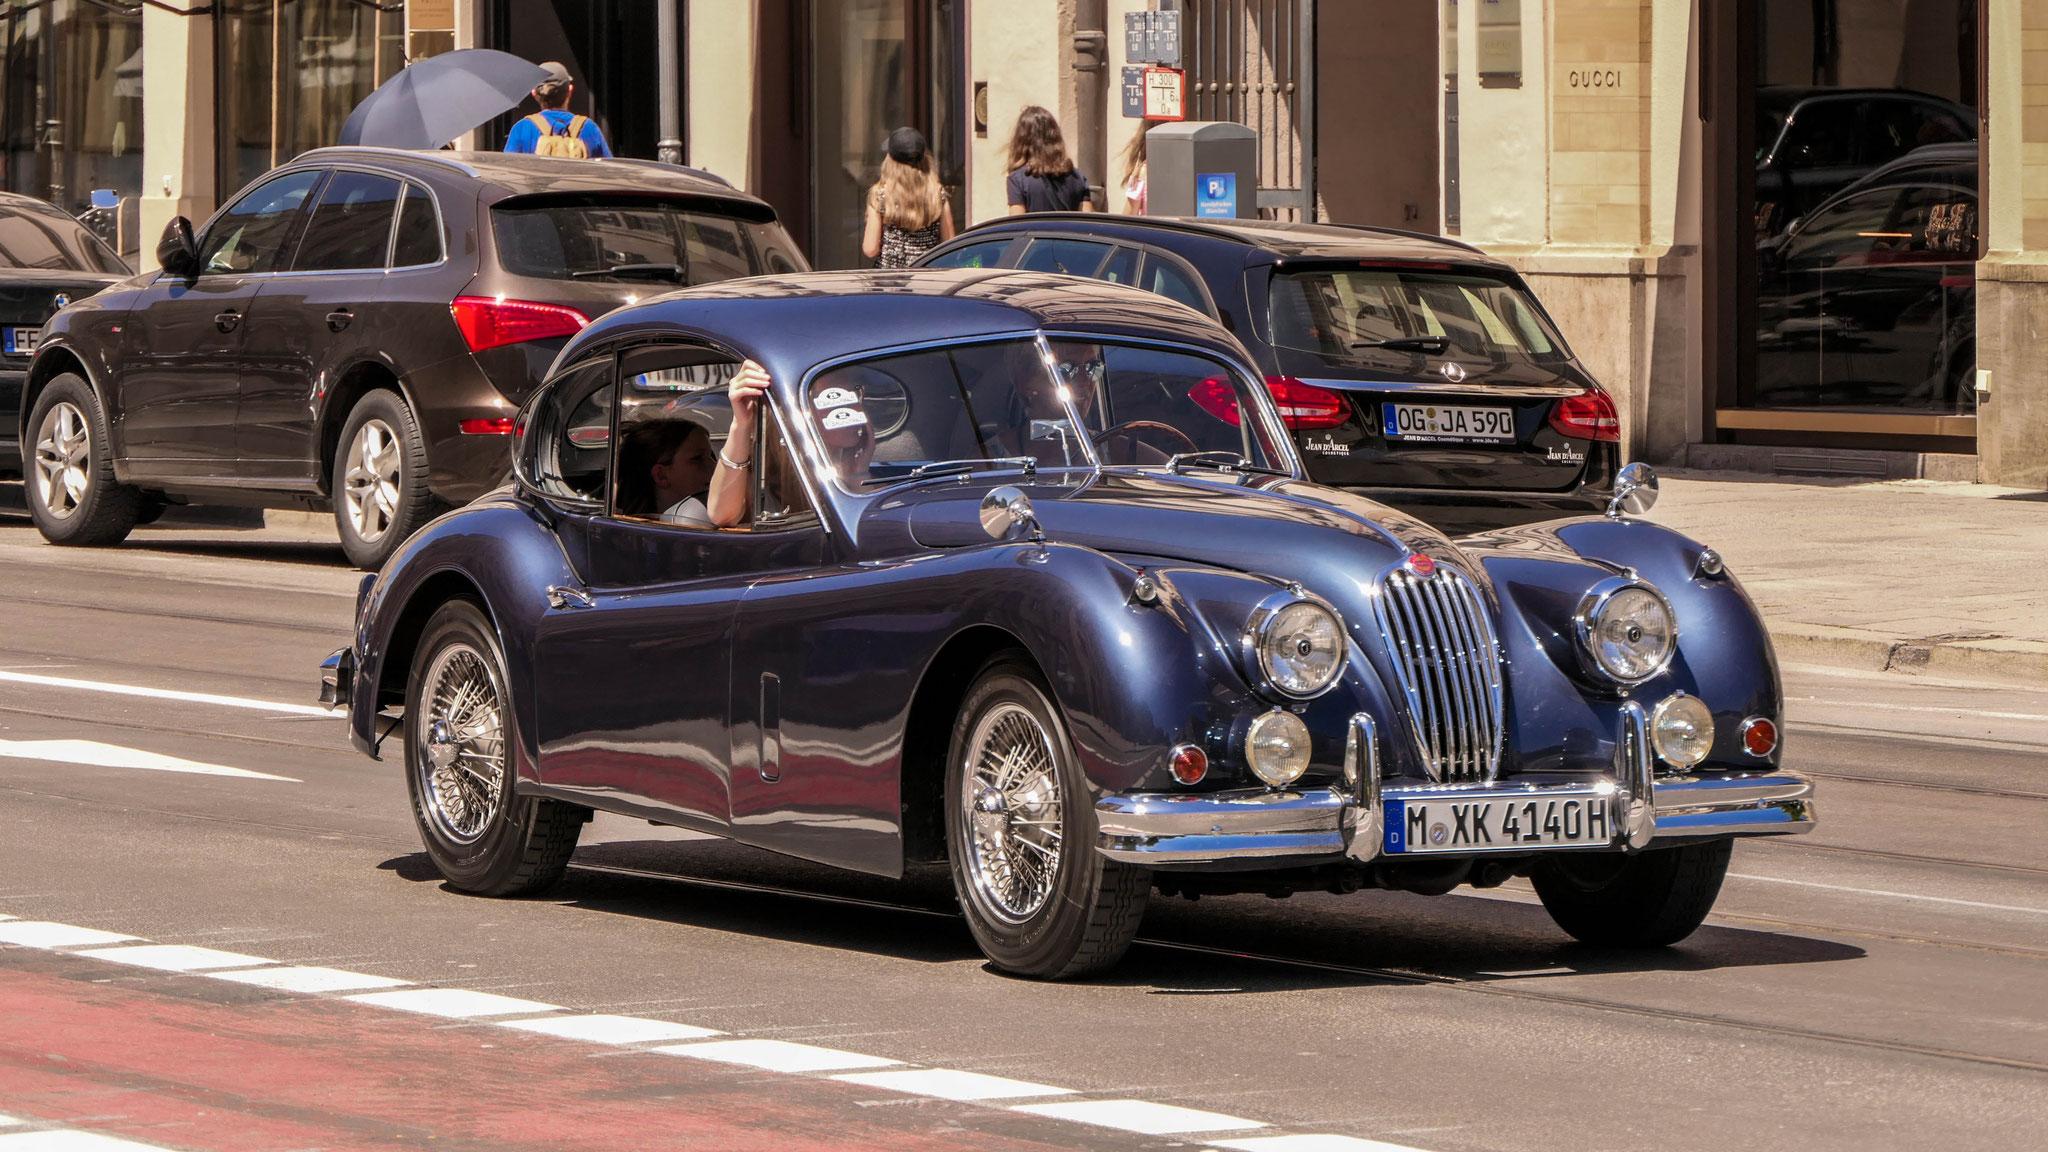 Jaguar XK 140 FHC - M-XK-4140H